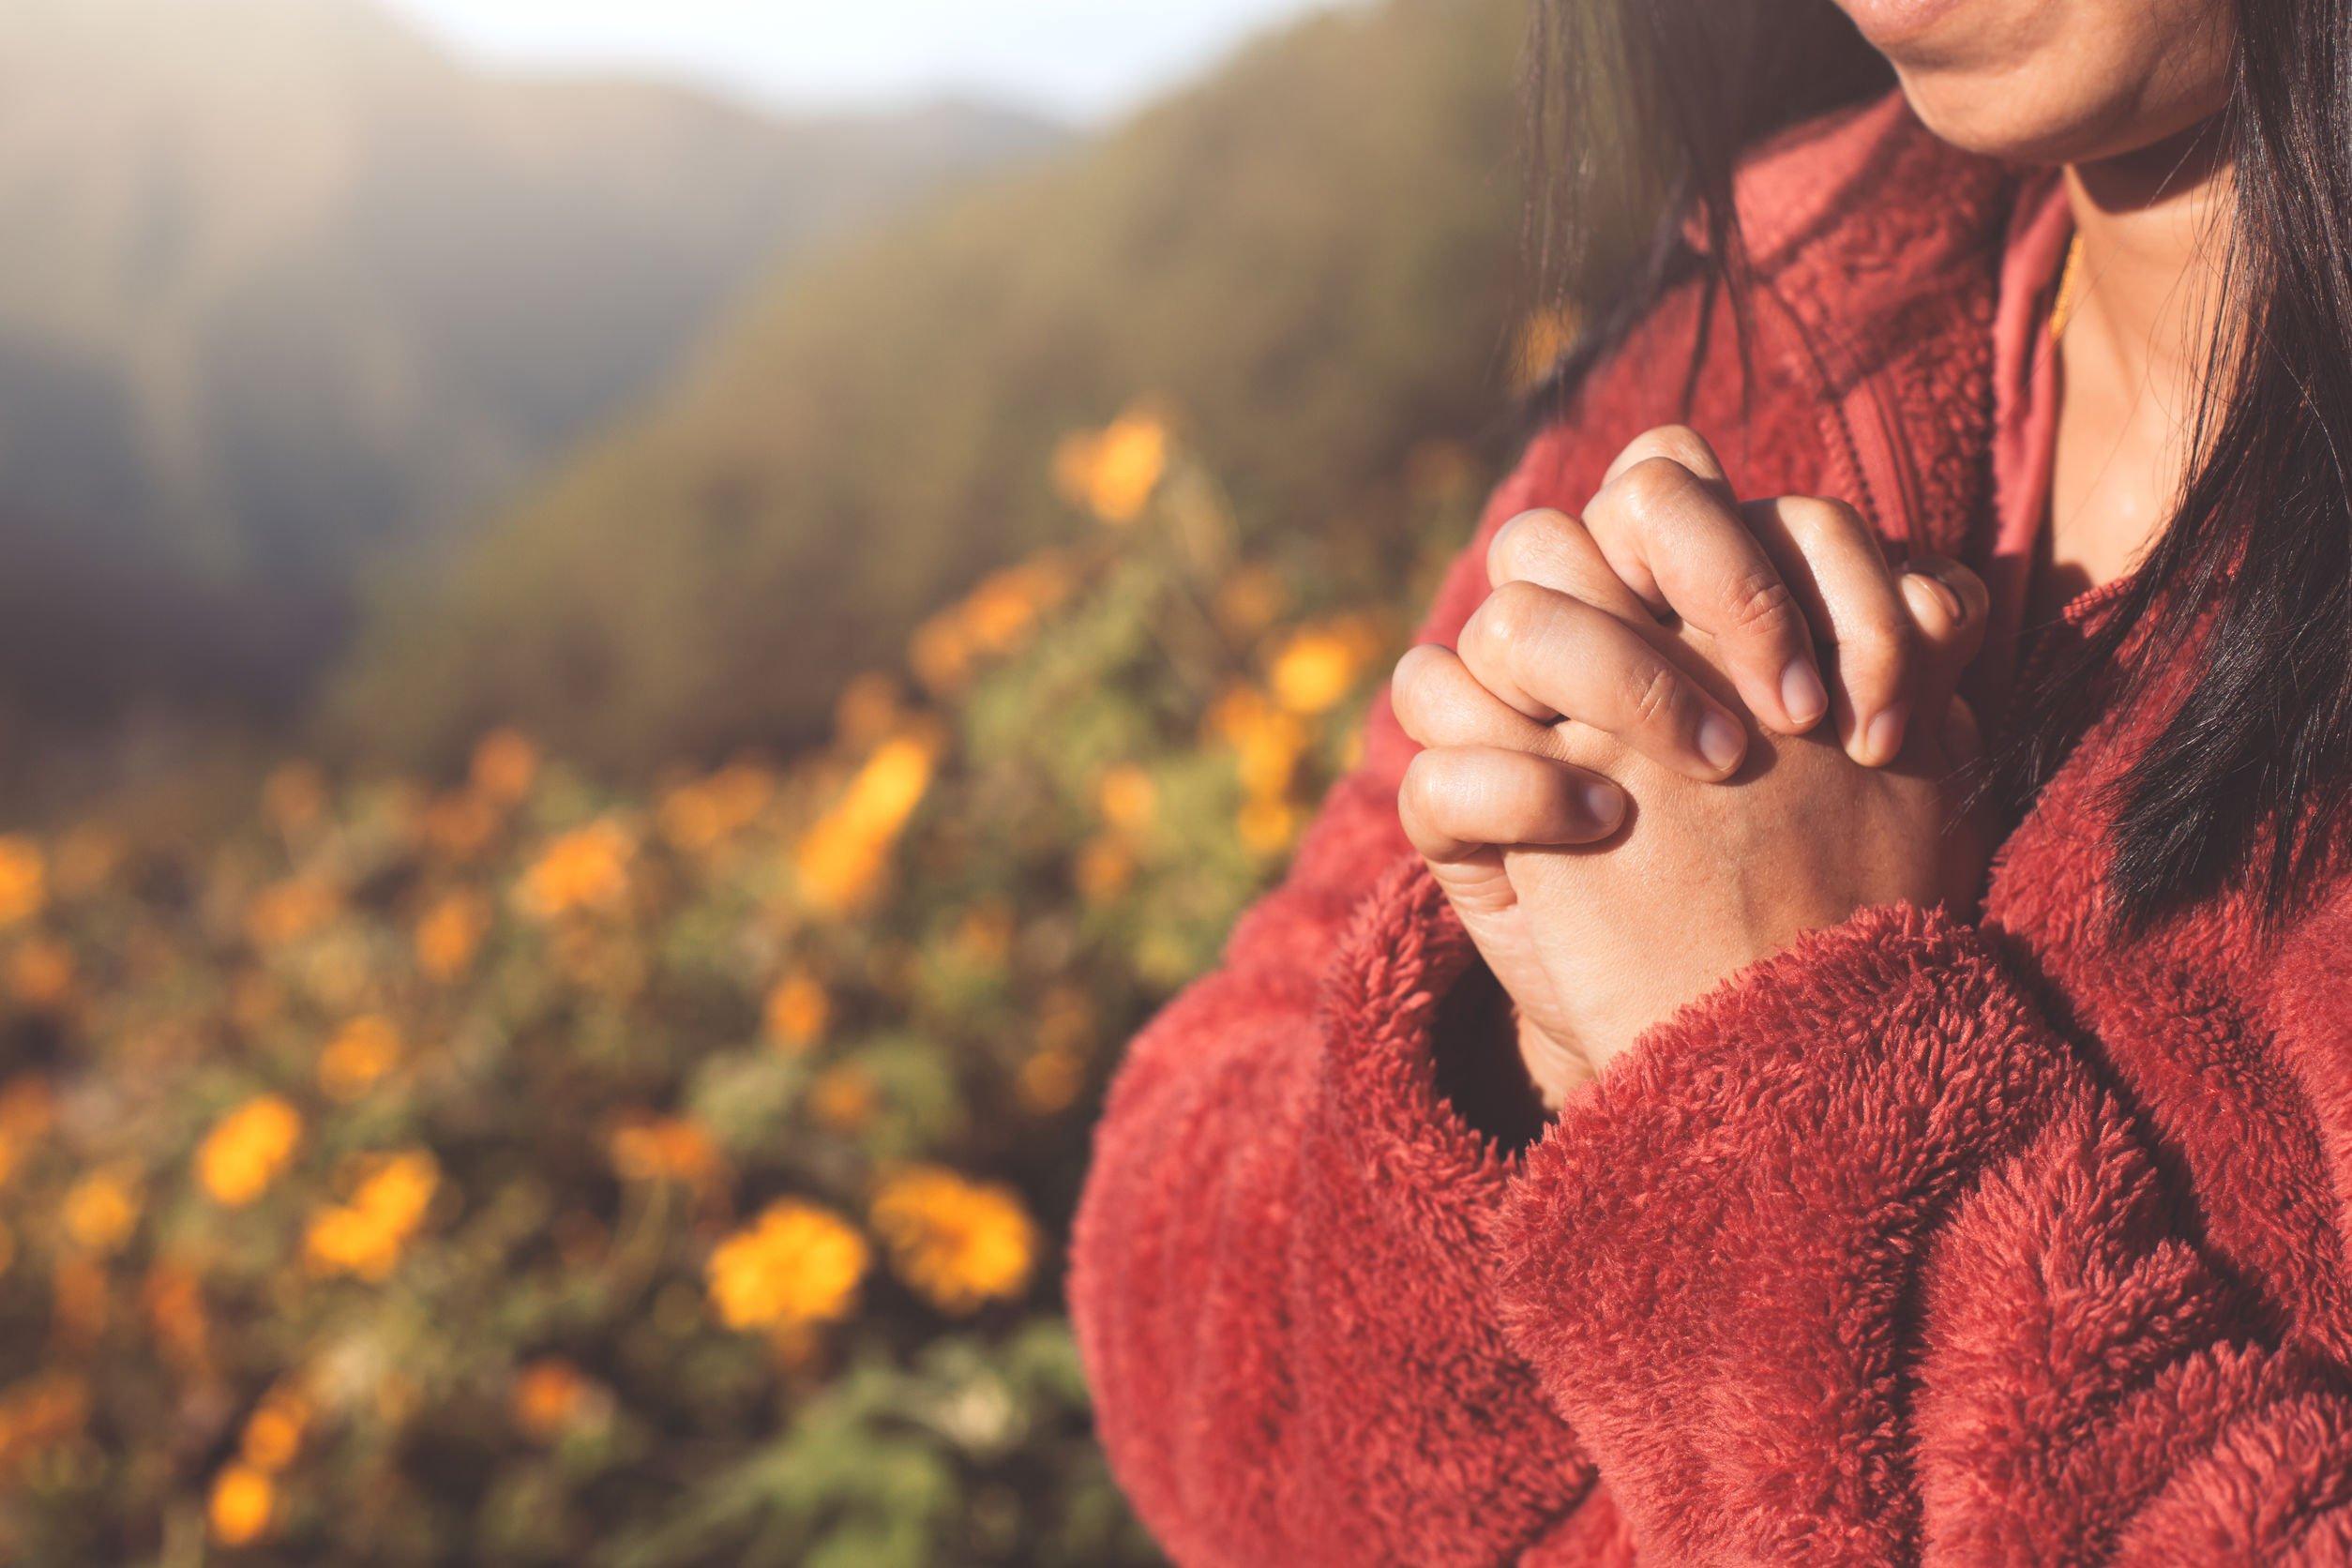 Frases De Agradecimento A Deus é Preciso Agradecer